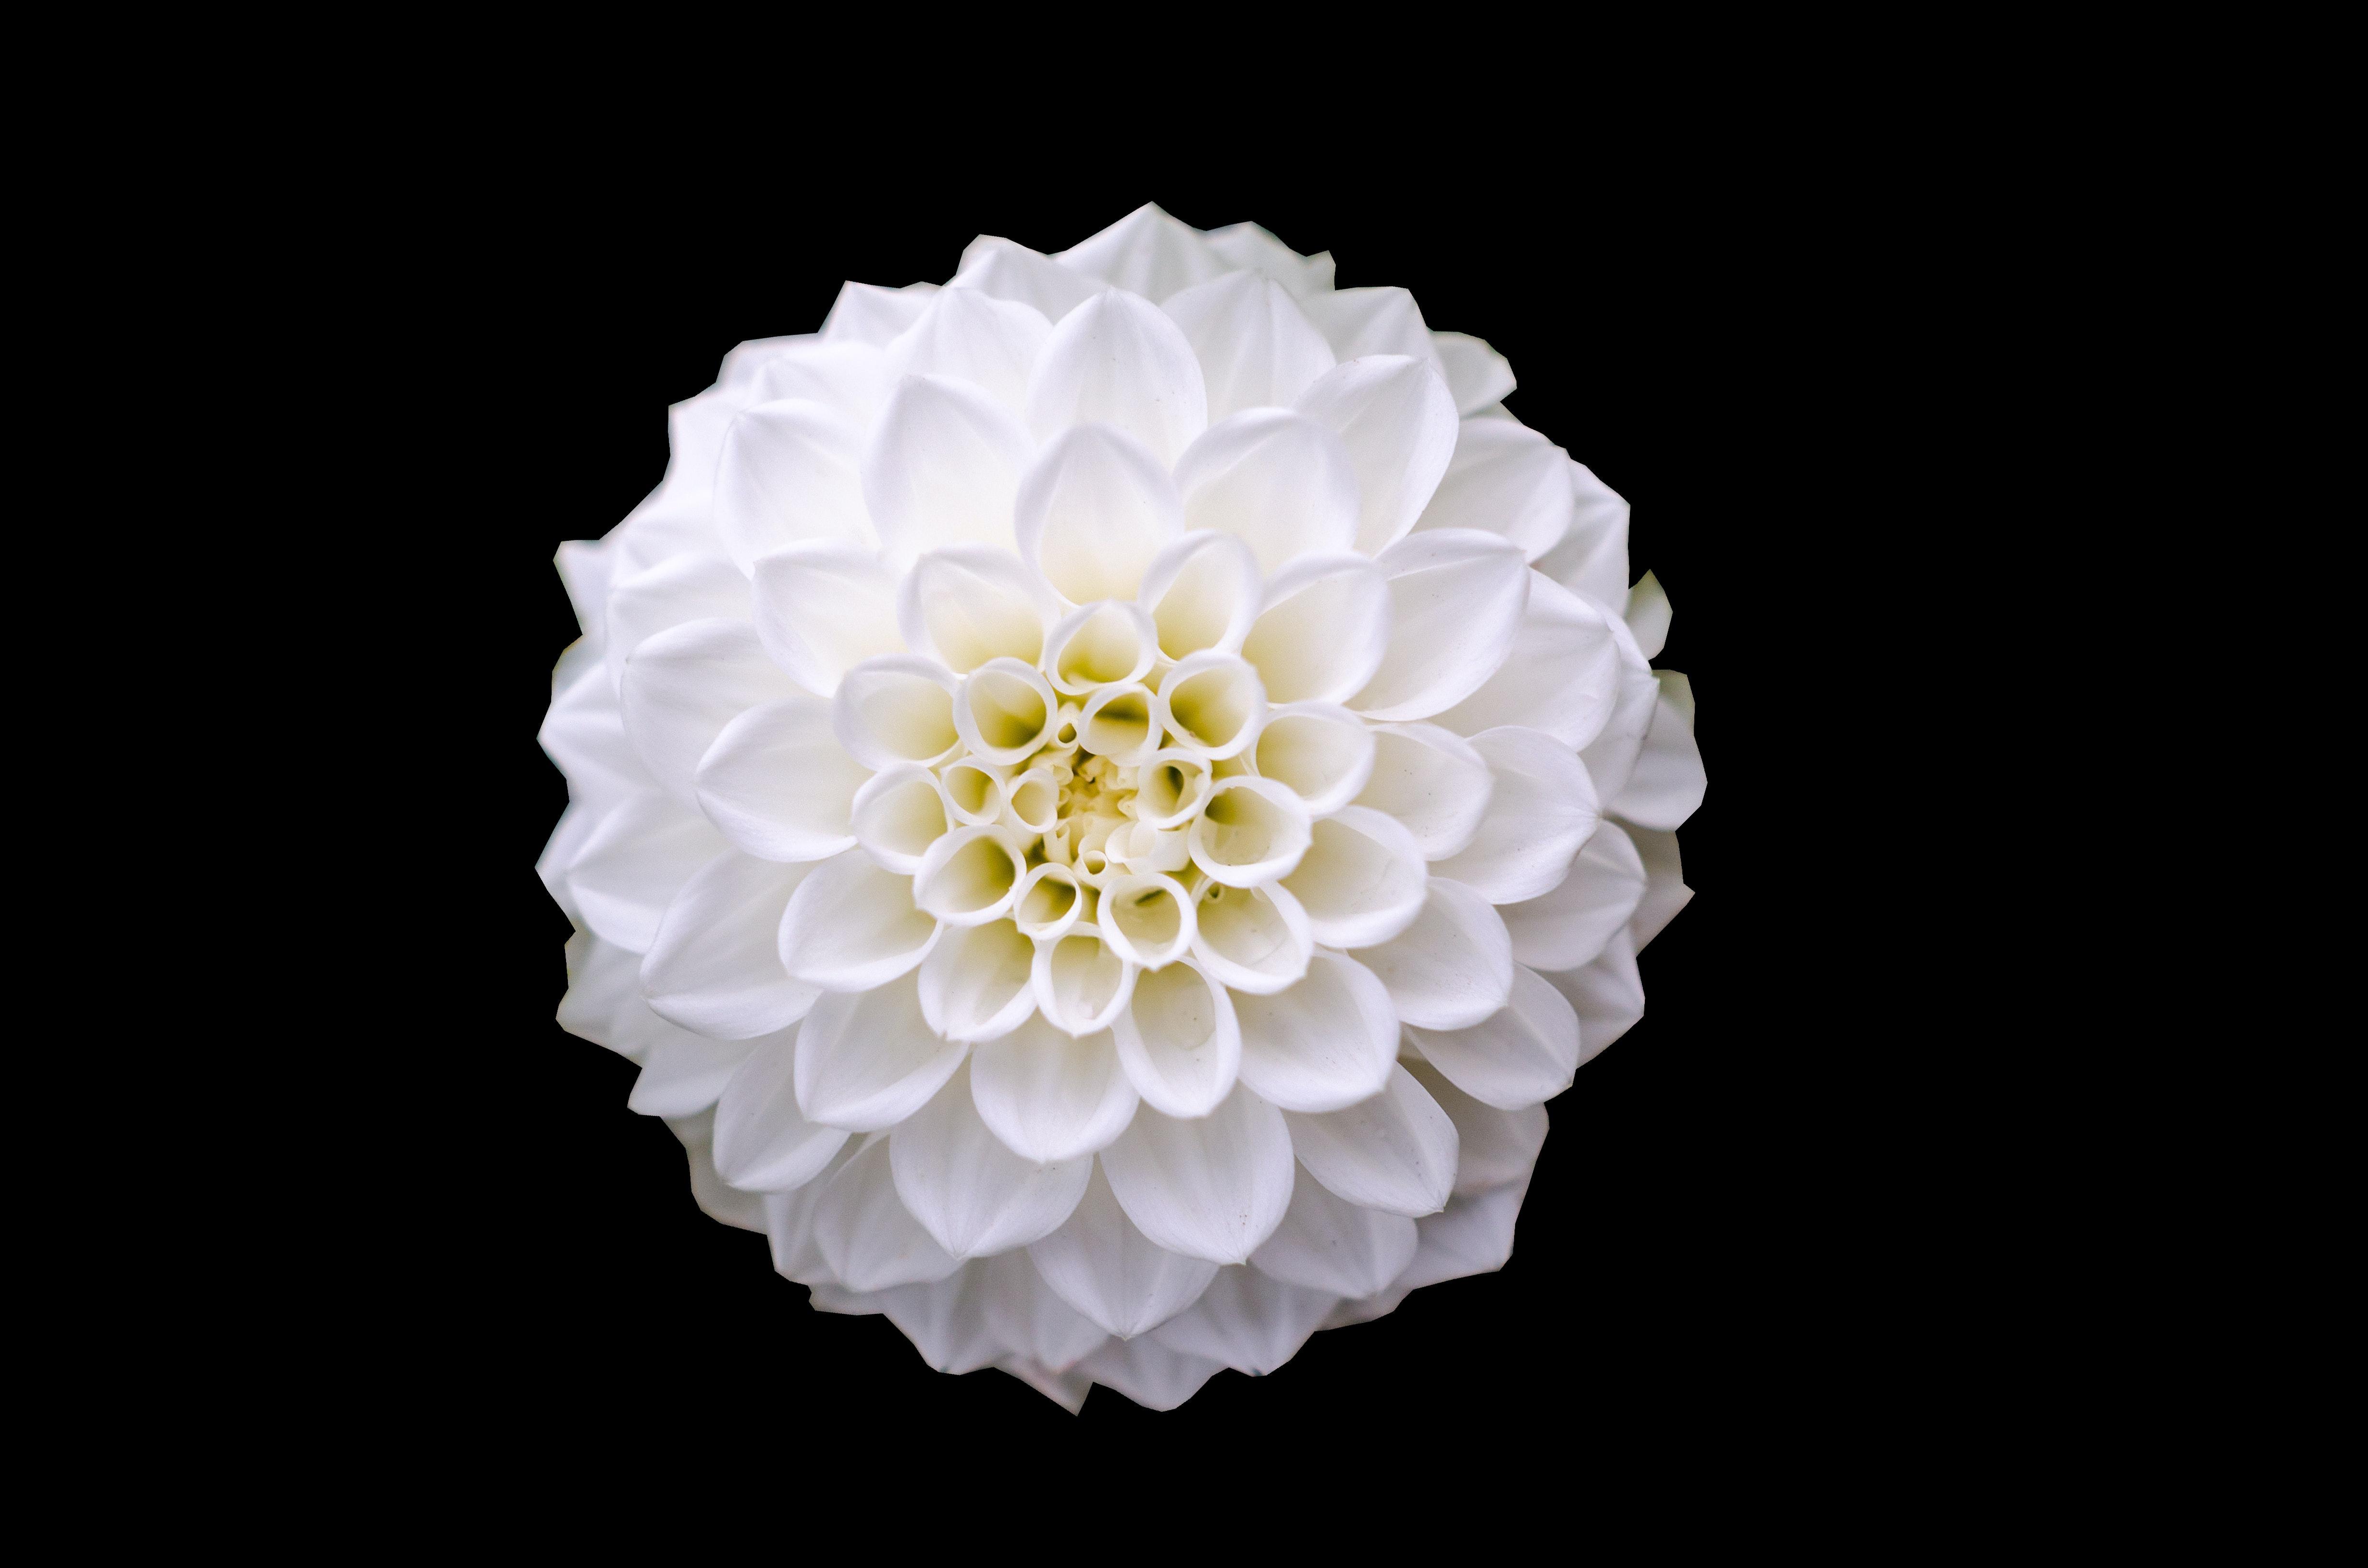 1000 Great White Flower Photos Pexels Free Stock Photos